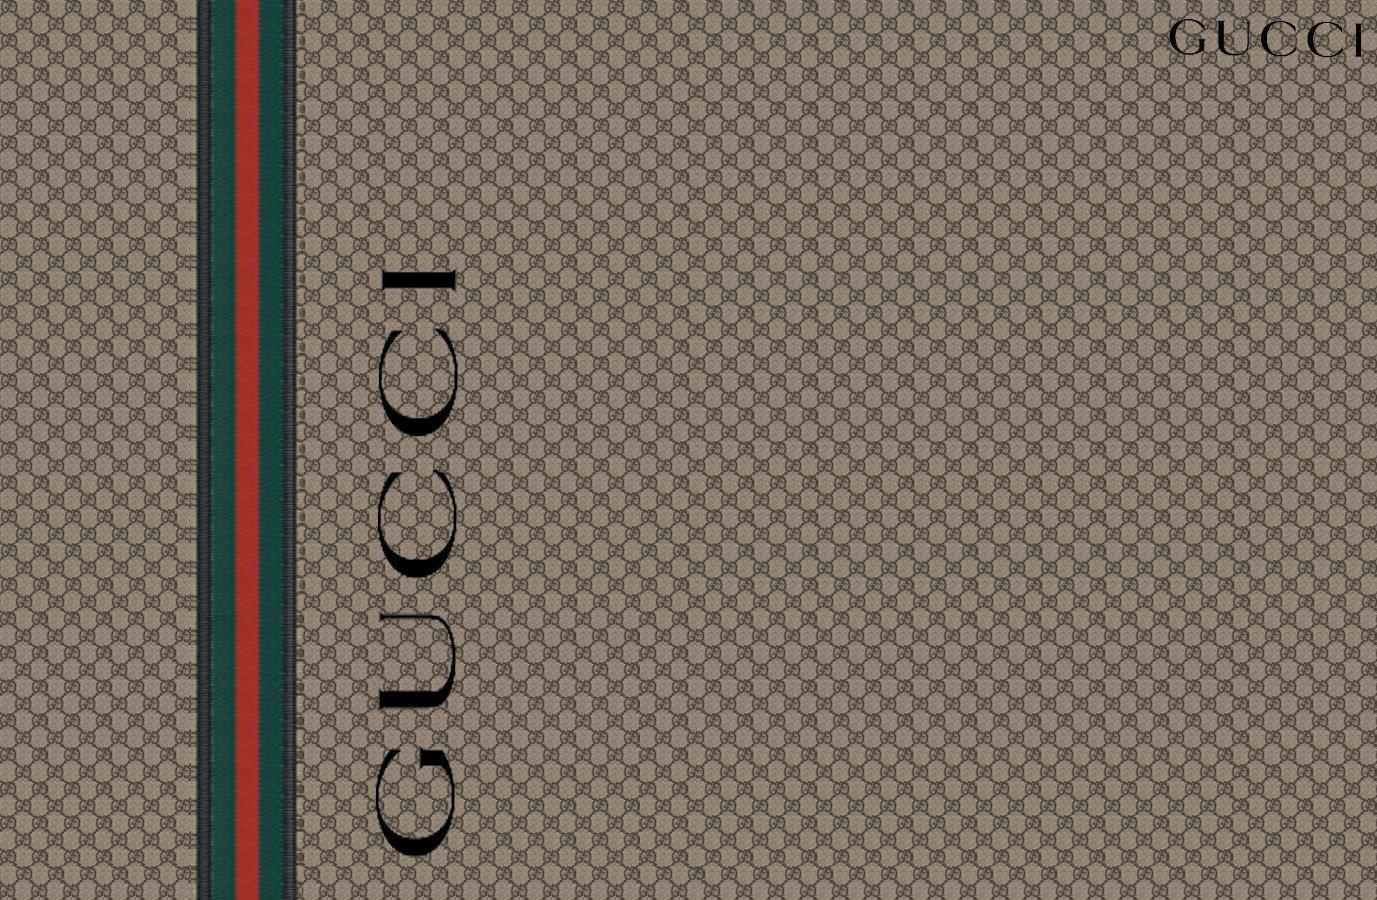 Gucci Logo Wallpaper Gucci Logo Png Gucci 1377x900